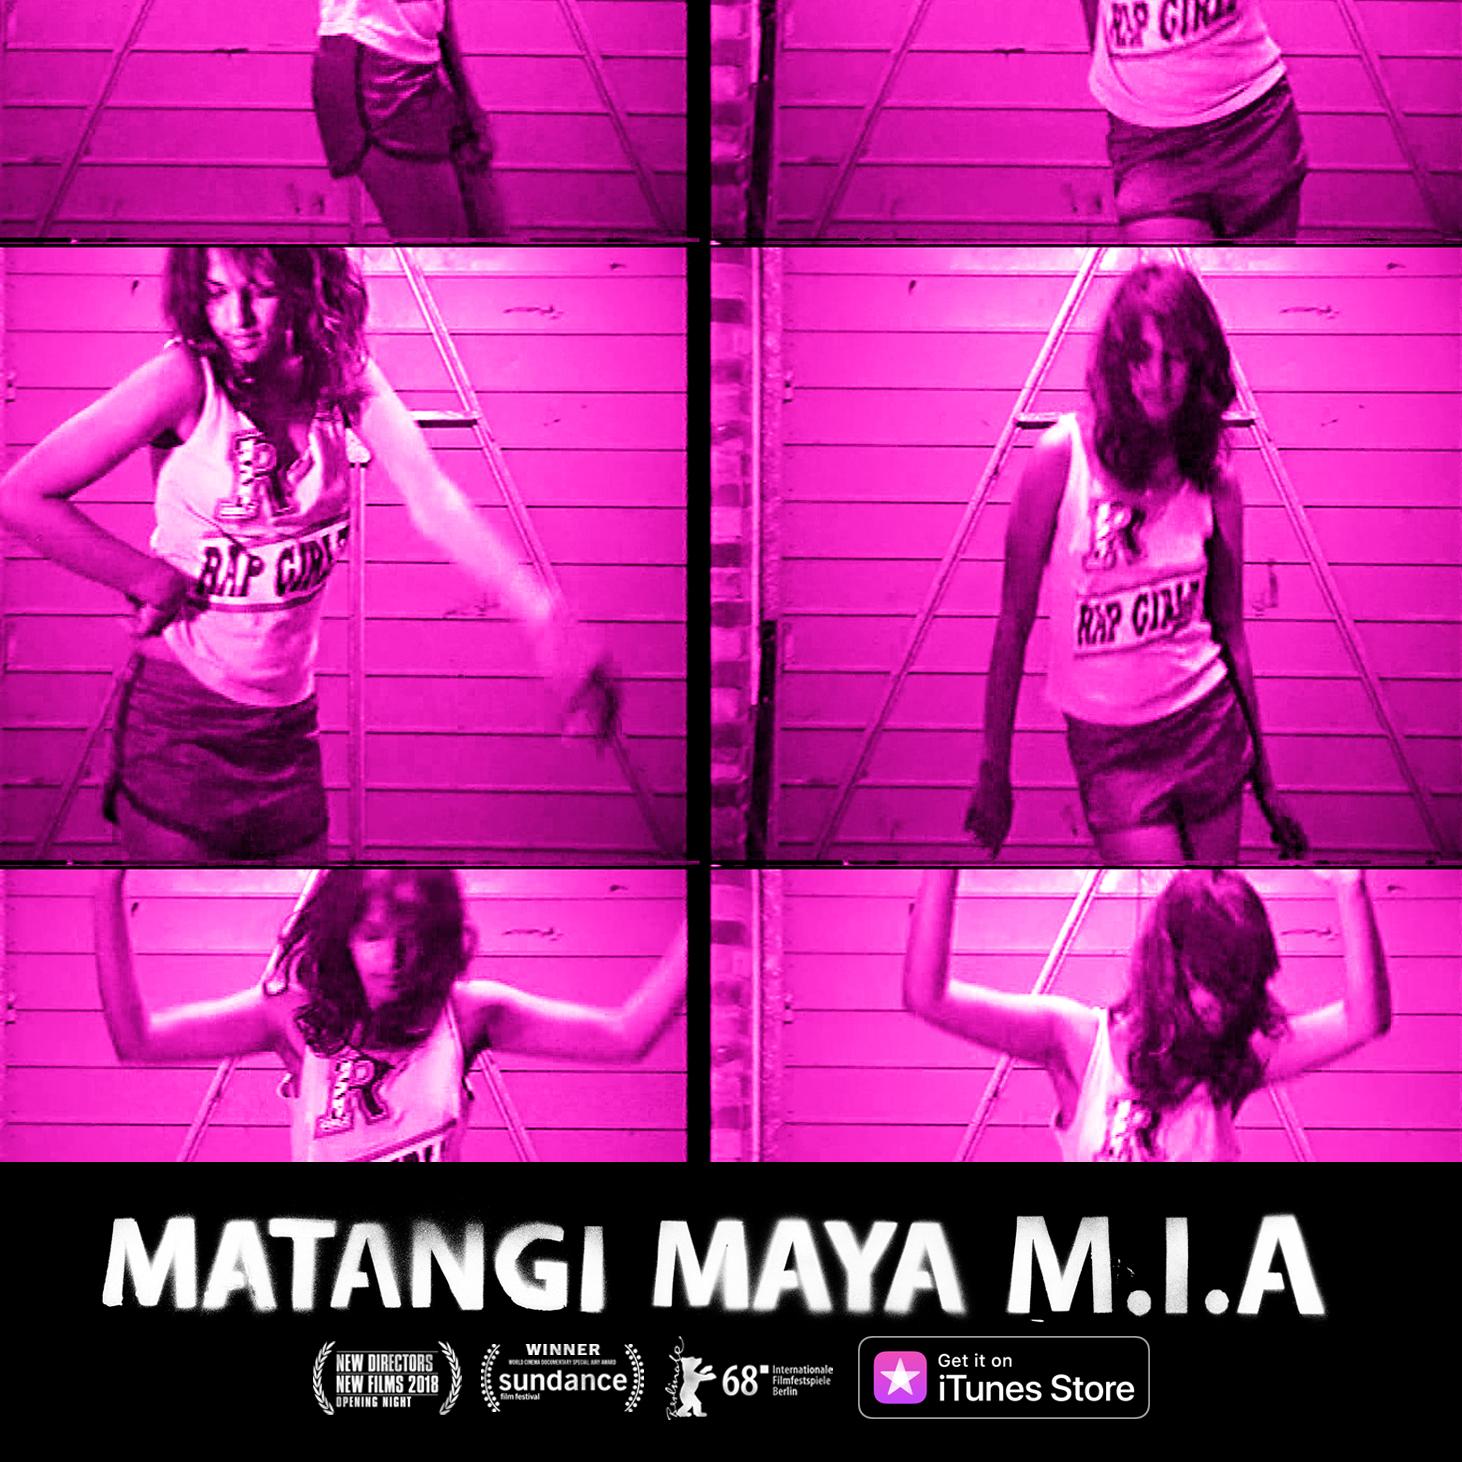 MIA_Social_Share_Still_iTunes_1x1_1.jpg